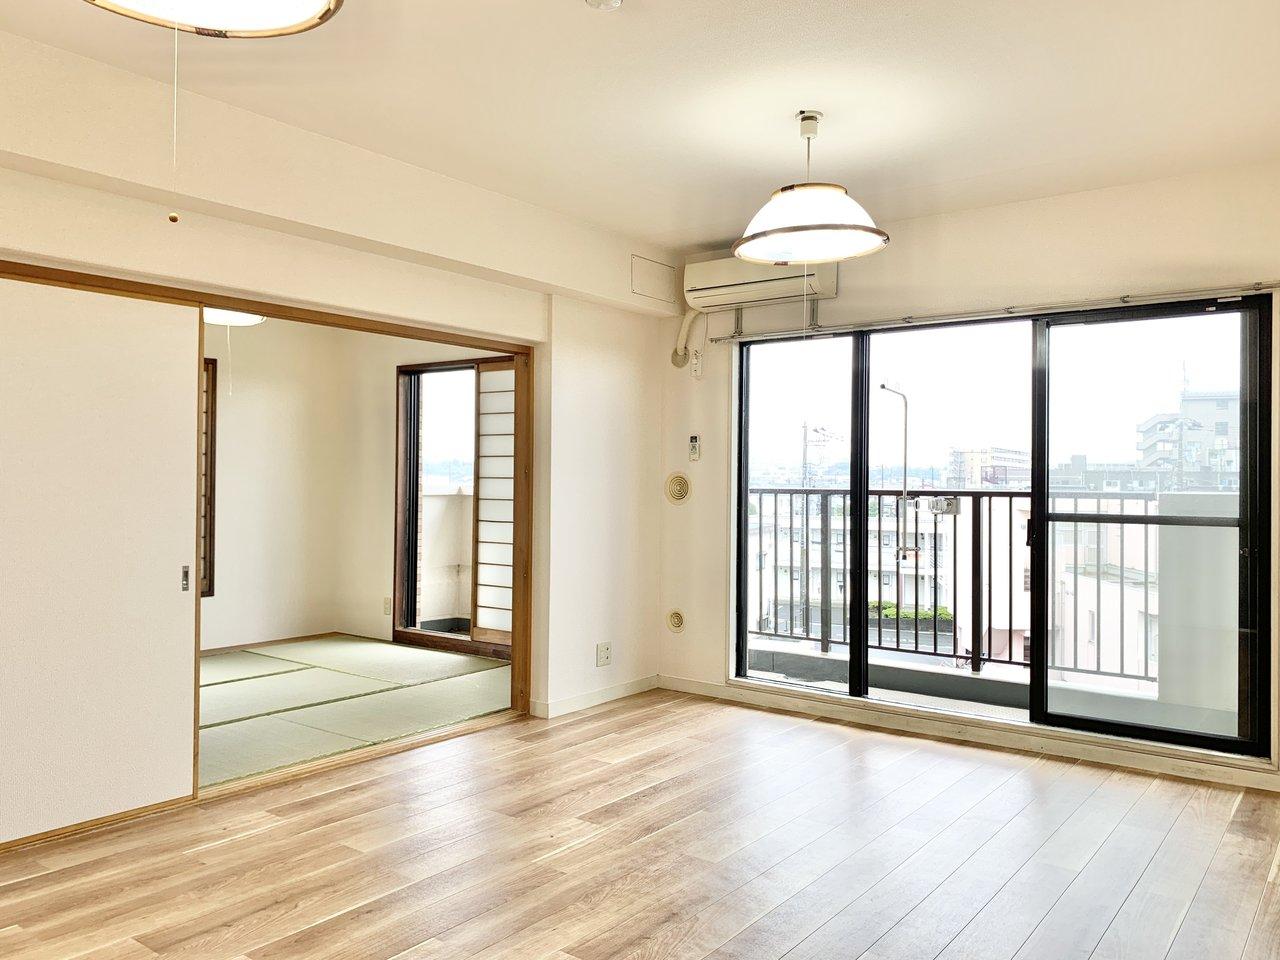 13.8畳の広々としたリビングダイニング。4階建ての最上階なので、見晴らしも良さそう。